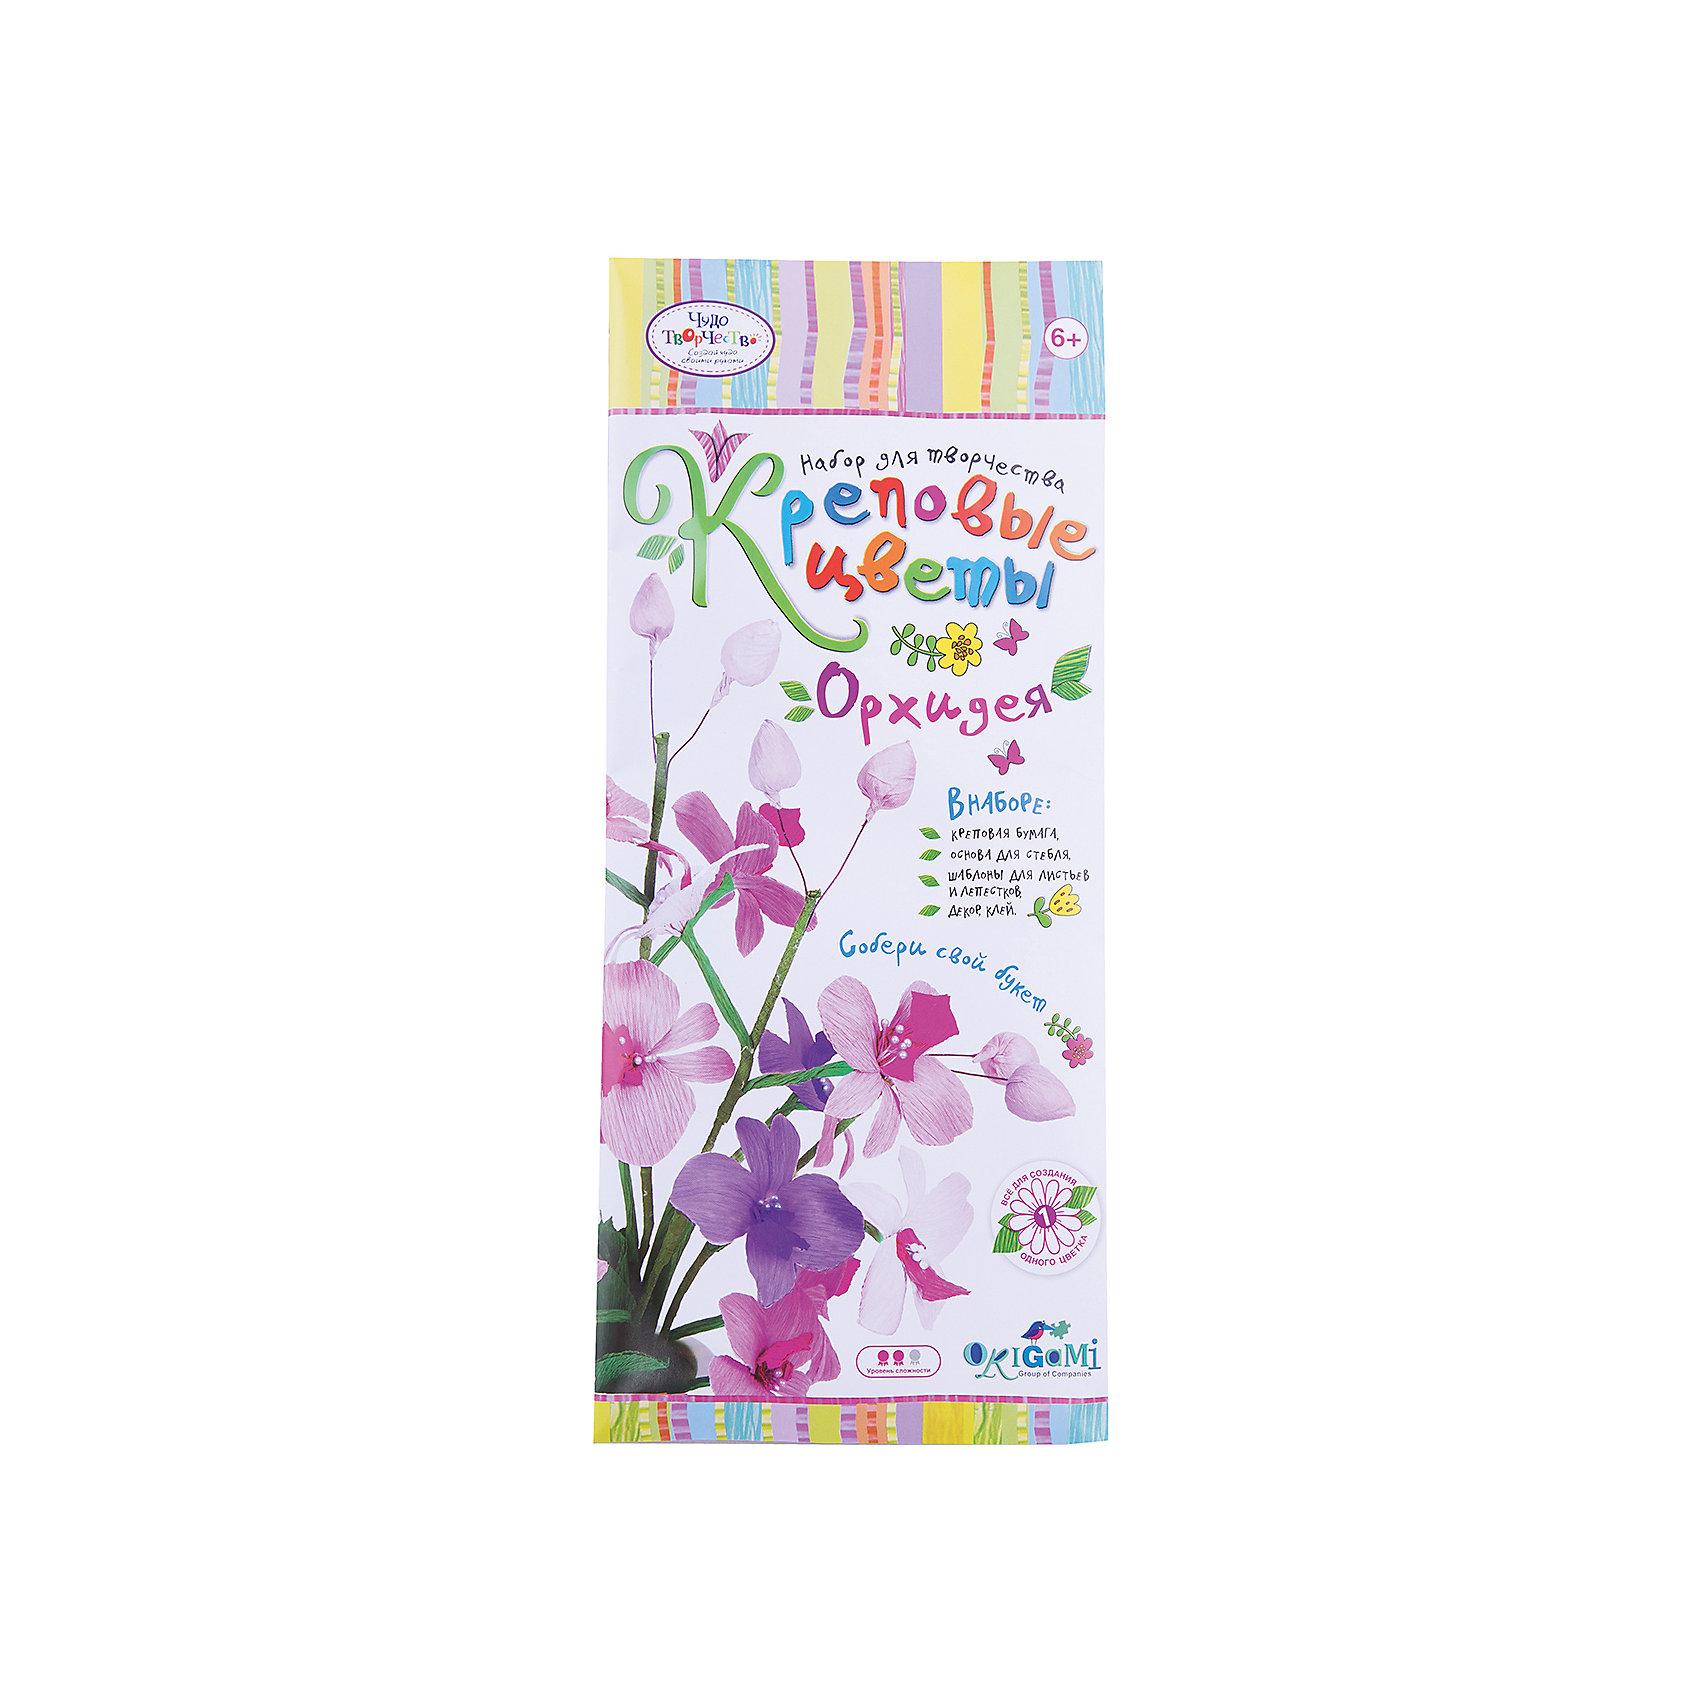 Креповые цветы своими руками Орхидея 3 цвета в ассортименте.Рукоделие<br>Креповая бумага – удивительный материал для декорирования. Она обладает повышенной прочностью, а поделки из нее получаются очень красивые. Креповую бумагу легко отличить - она жатая, приятная на ощупь, ее богатая цветовая палитра открывает безграничные возможности для творчества. Цветы из такой бумаги порой сложно отличить от настоящих! В наборе все для создания 1 цветка. Собери свой букет! Рекомендуемый возраст: 6+<br><br>Ширина мм: 150<br>Глубина мм: 20<br>Высота мм: 350<br>Вес г: 70<br>Возраст от месяцев: 72<br>Возраст до месяцев: 108<br>Пол: Женский<br>Возраст: Детский<br>SKU: 5165800